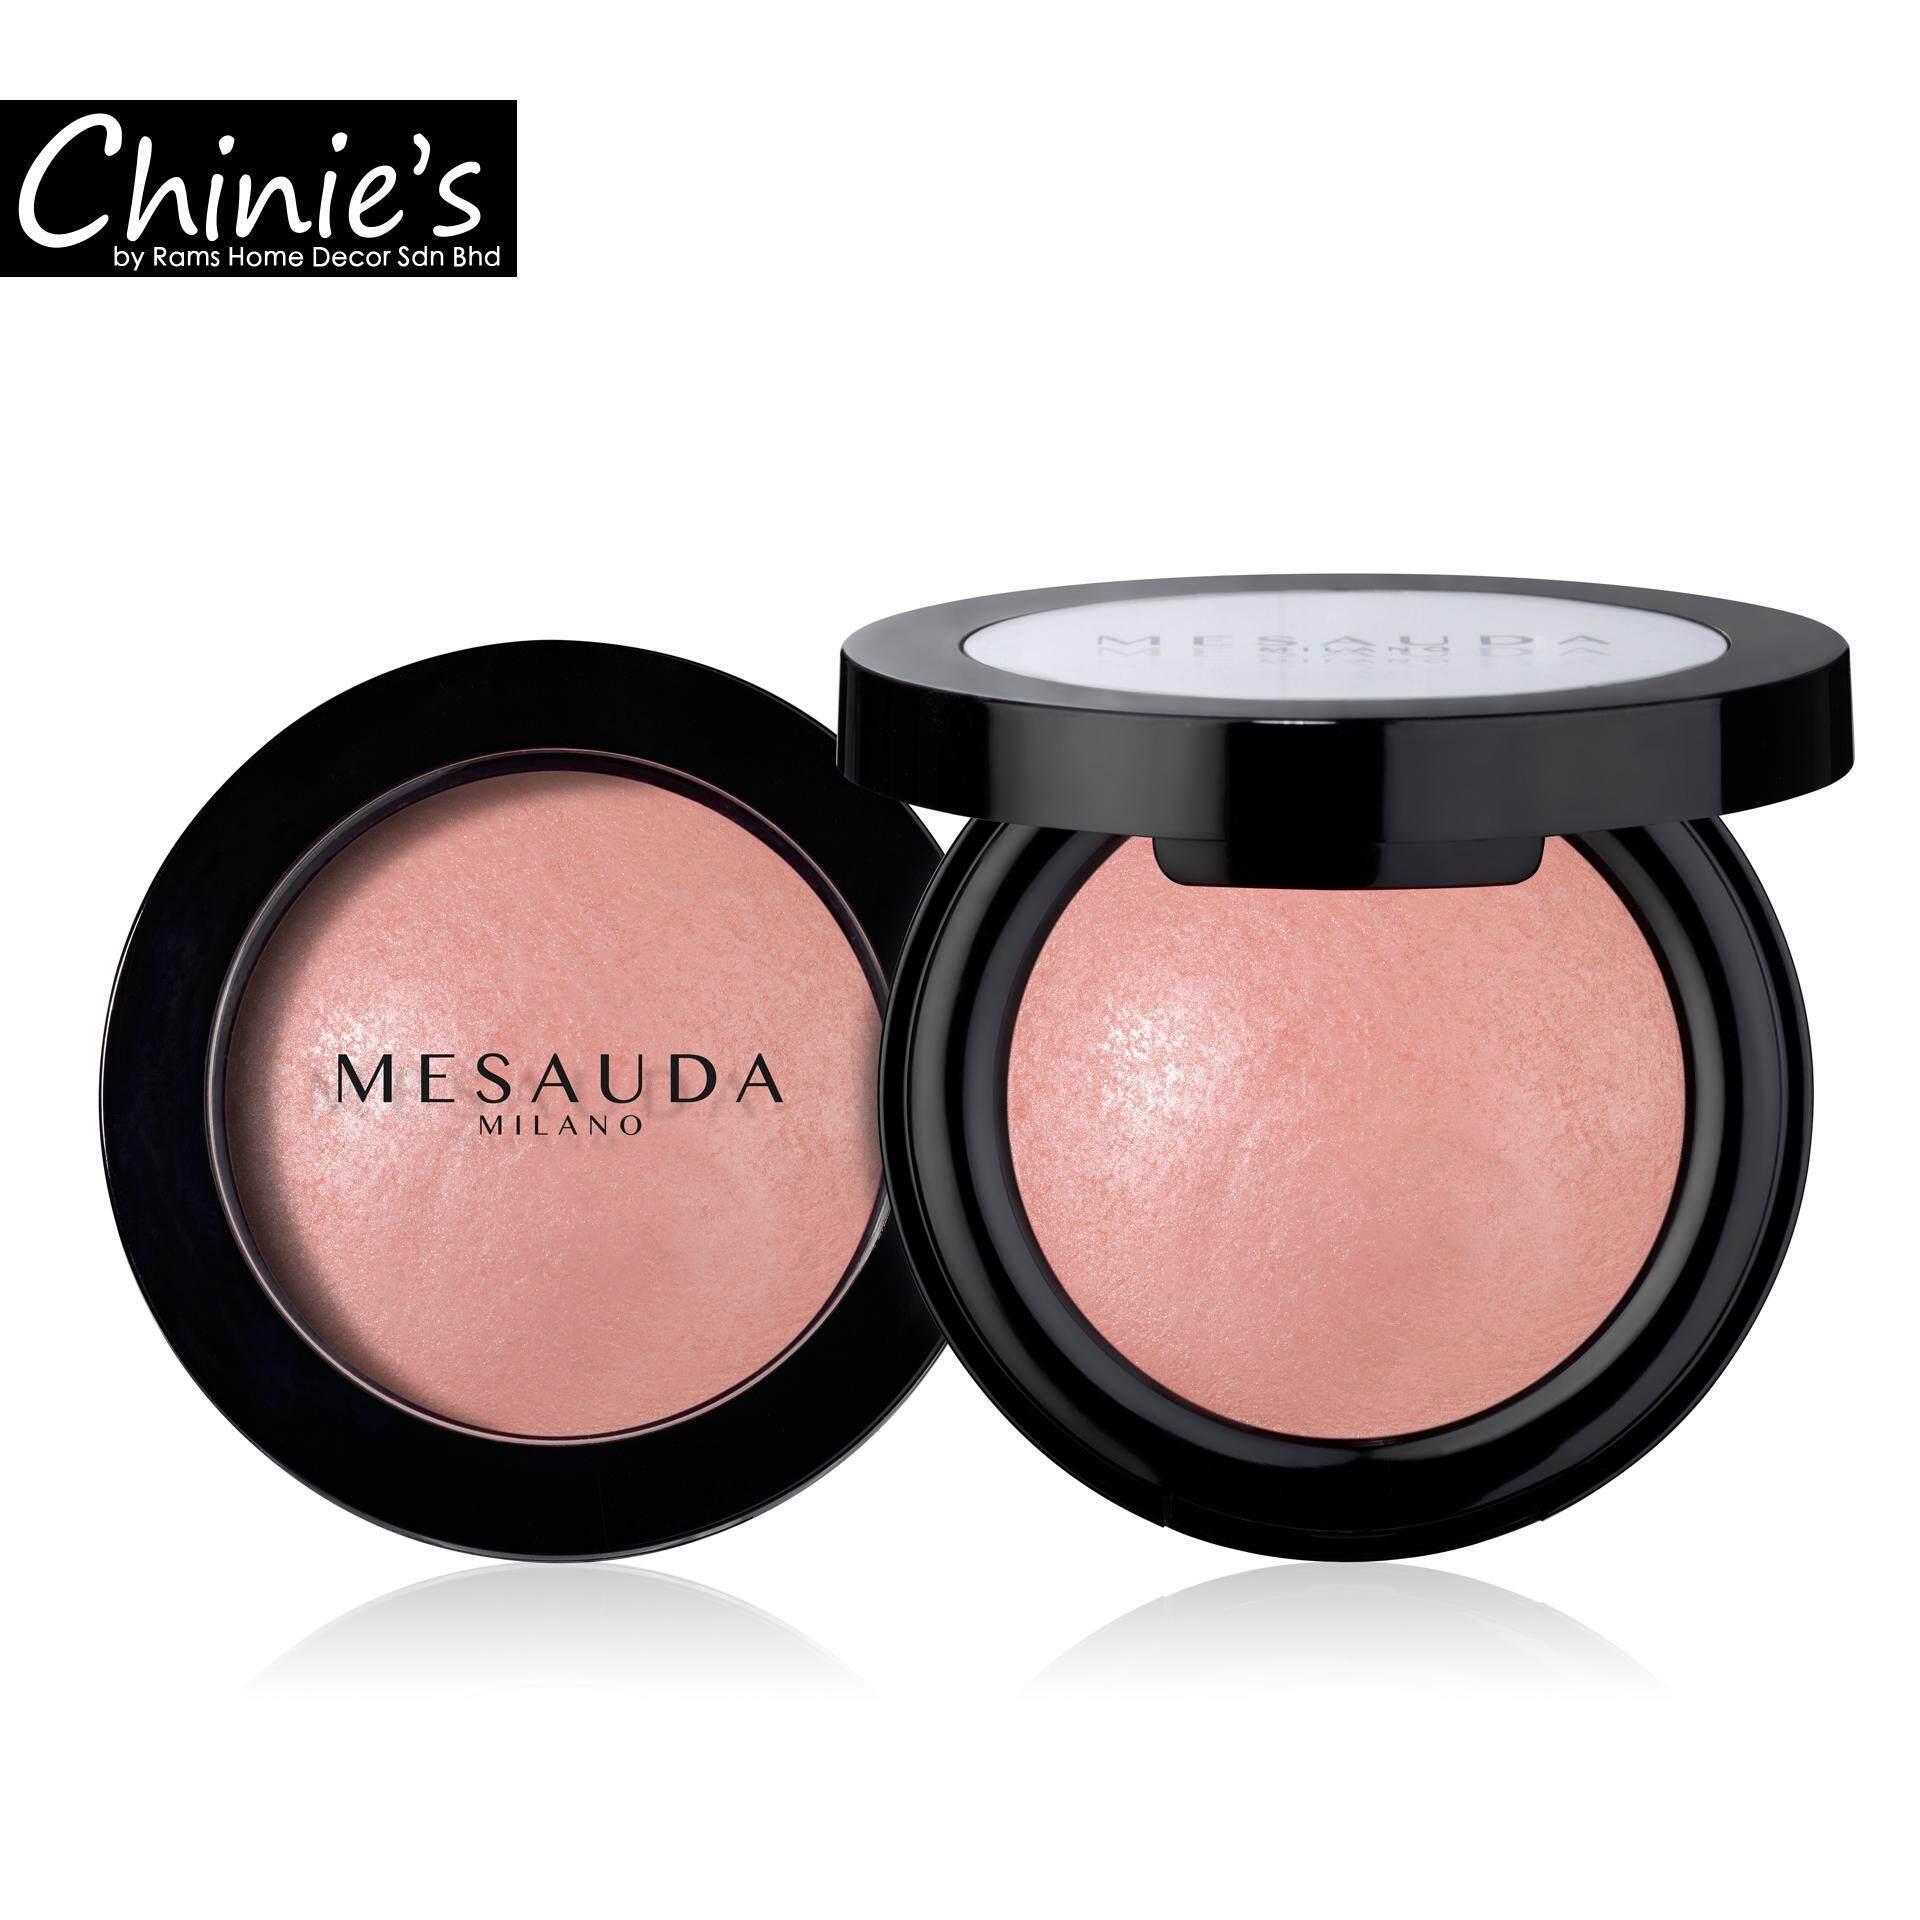 MESAUDA MILANO DIAMOND BLUSH by Chinies